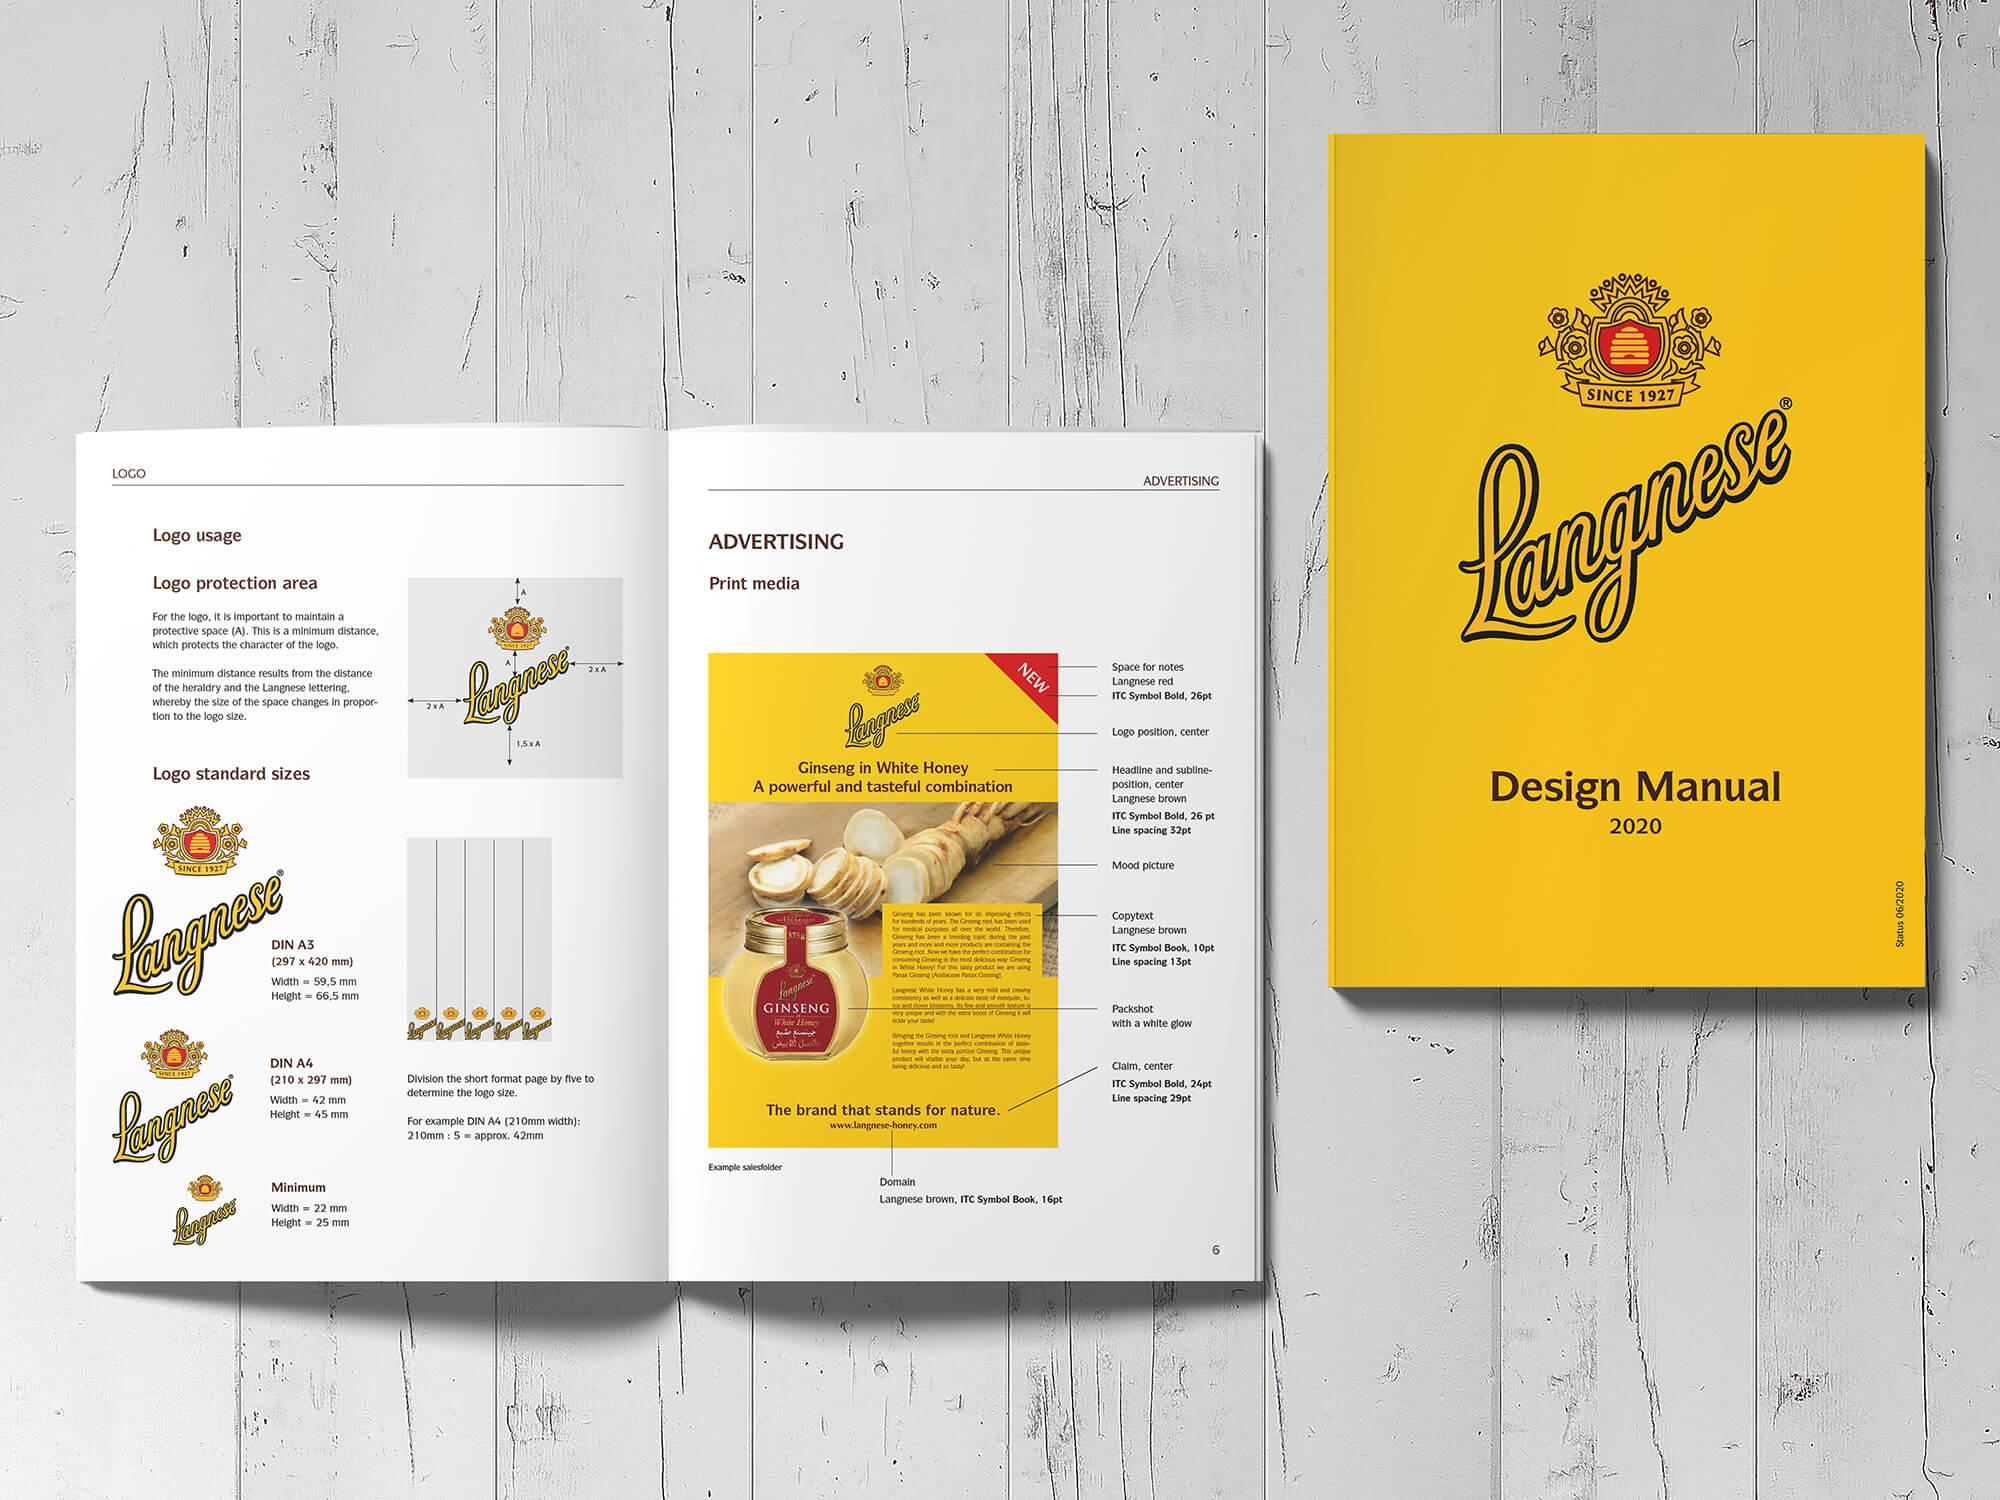 Langnese Honig Brand-Design-Booklet